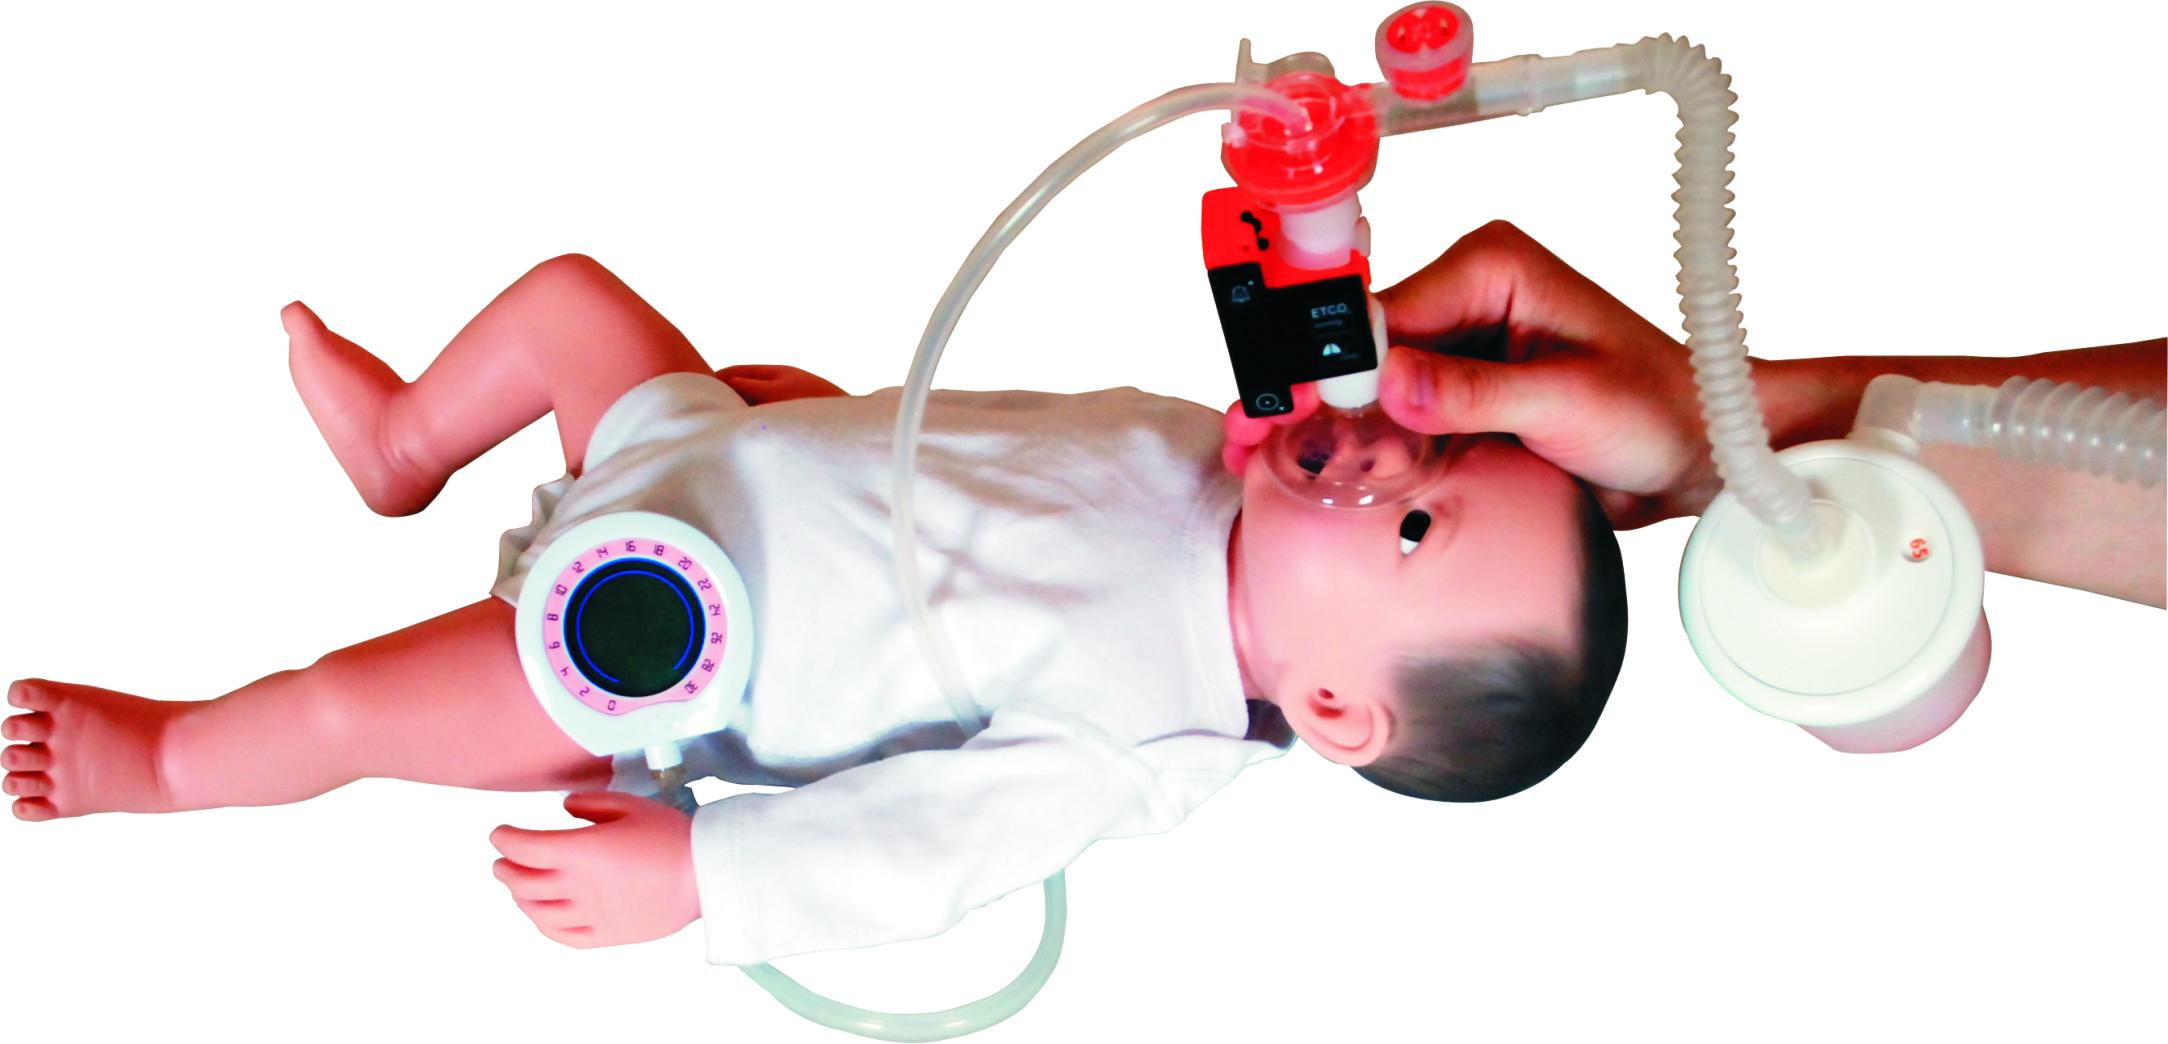 Worek samorozprężalny dla noworodków nVCM jednorazowy